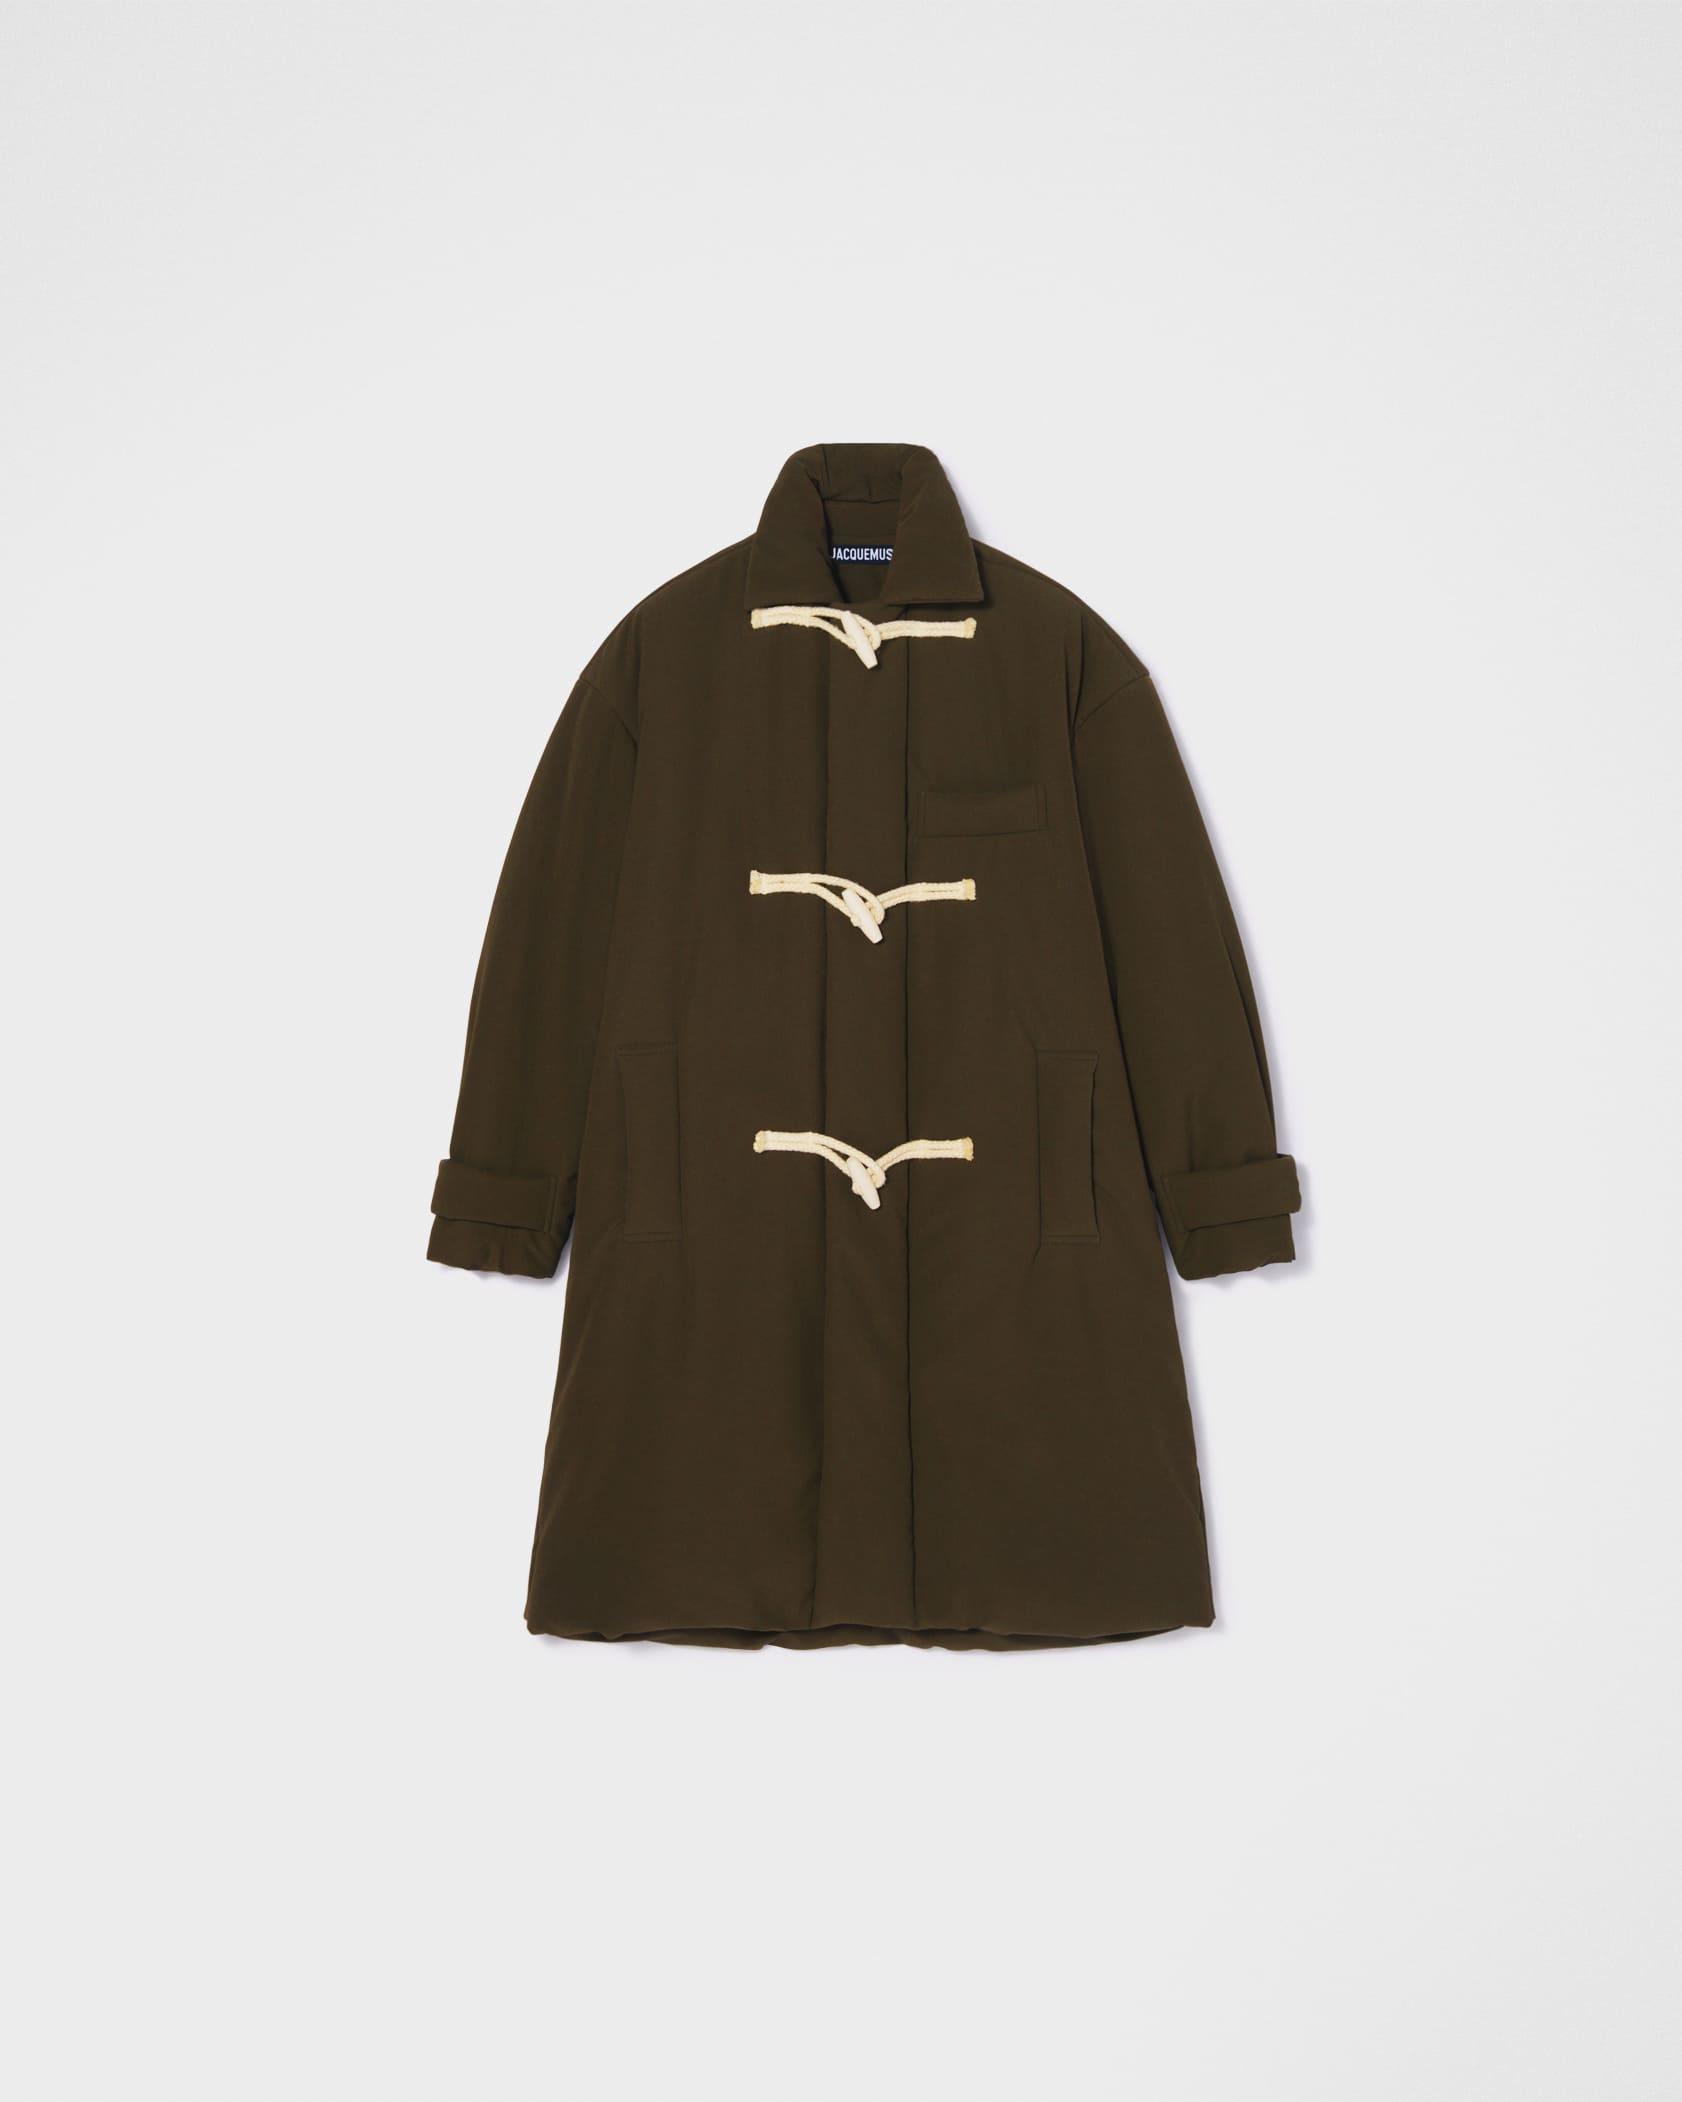 Le manteau Doudoune